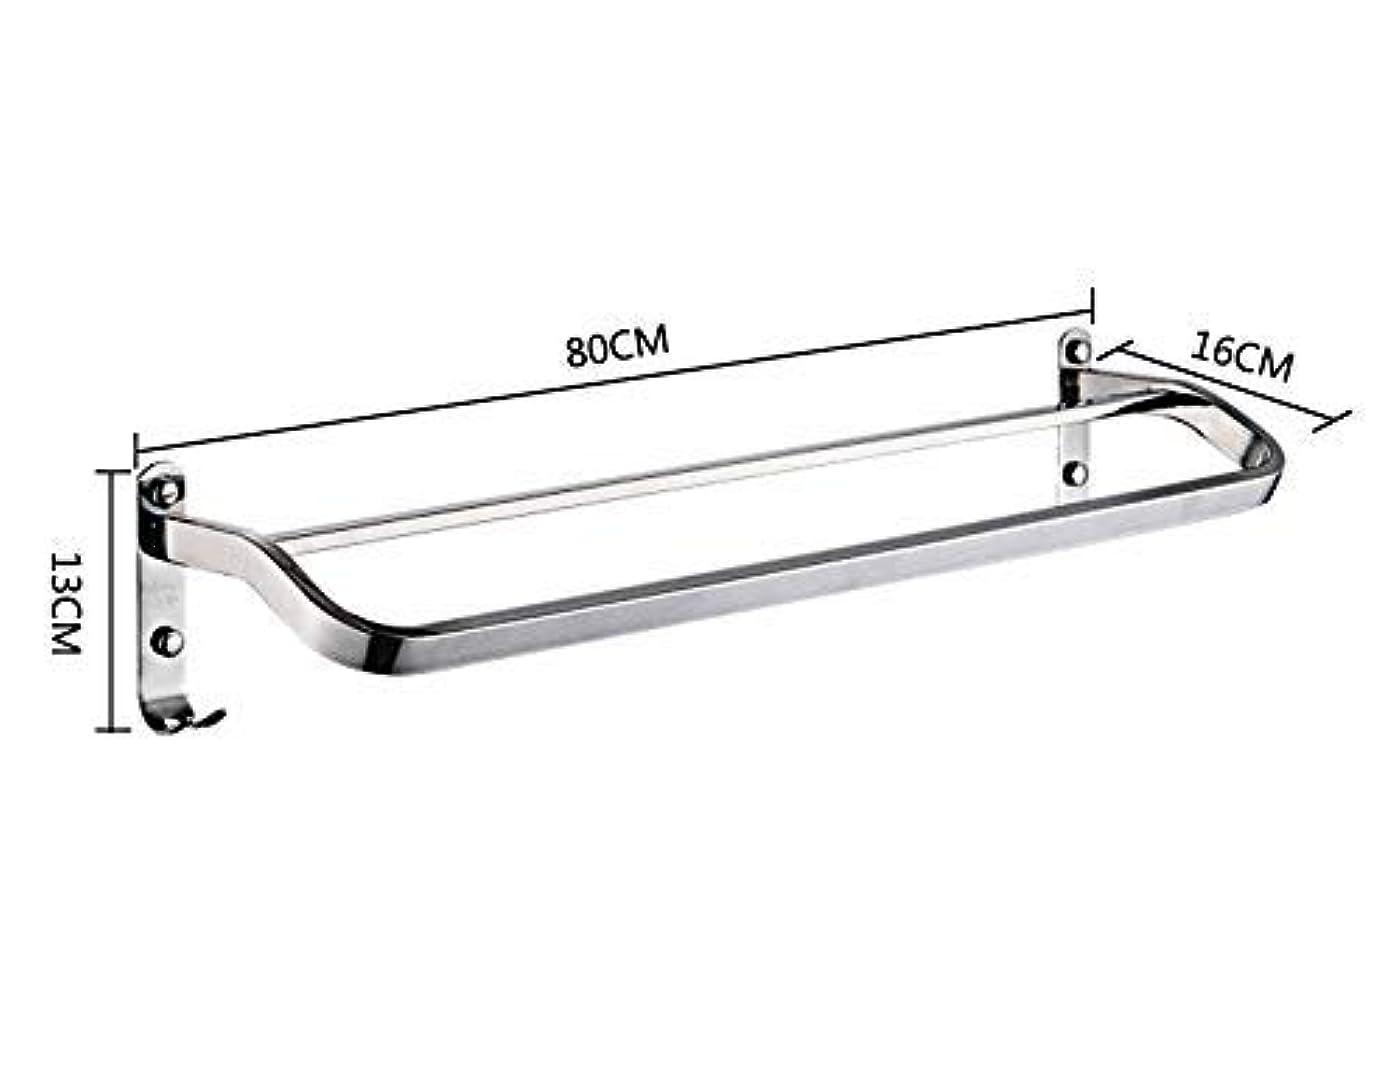 エミュレーション自慢マザーランドタオルラックステンレス鋼304浴室ハードウェアペンダントラックタオルラックタオルぶら下げタオル棒二極(サイズ:80 cm)